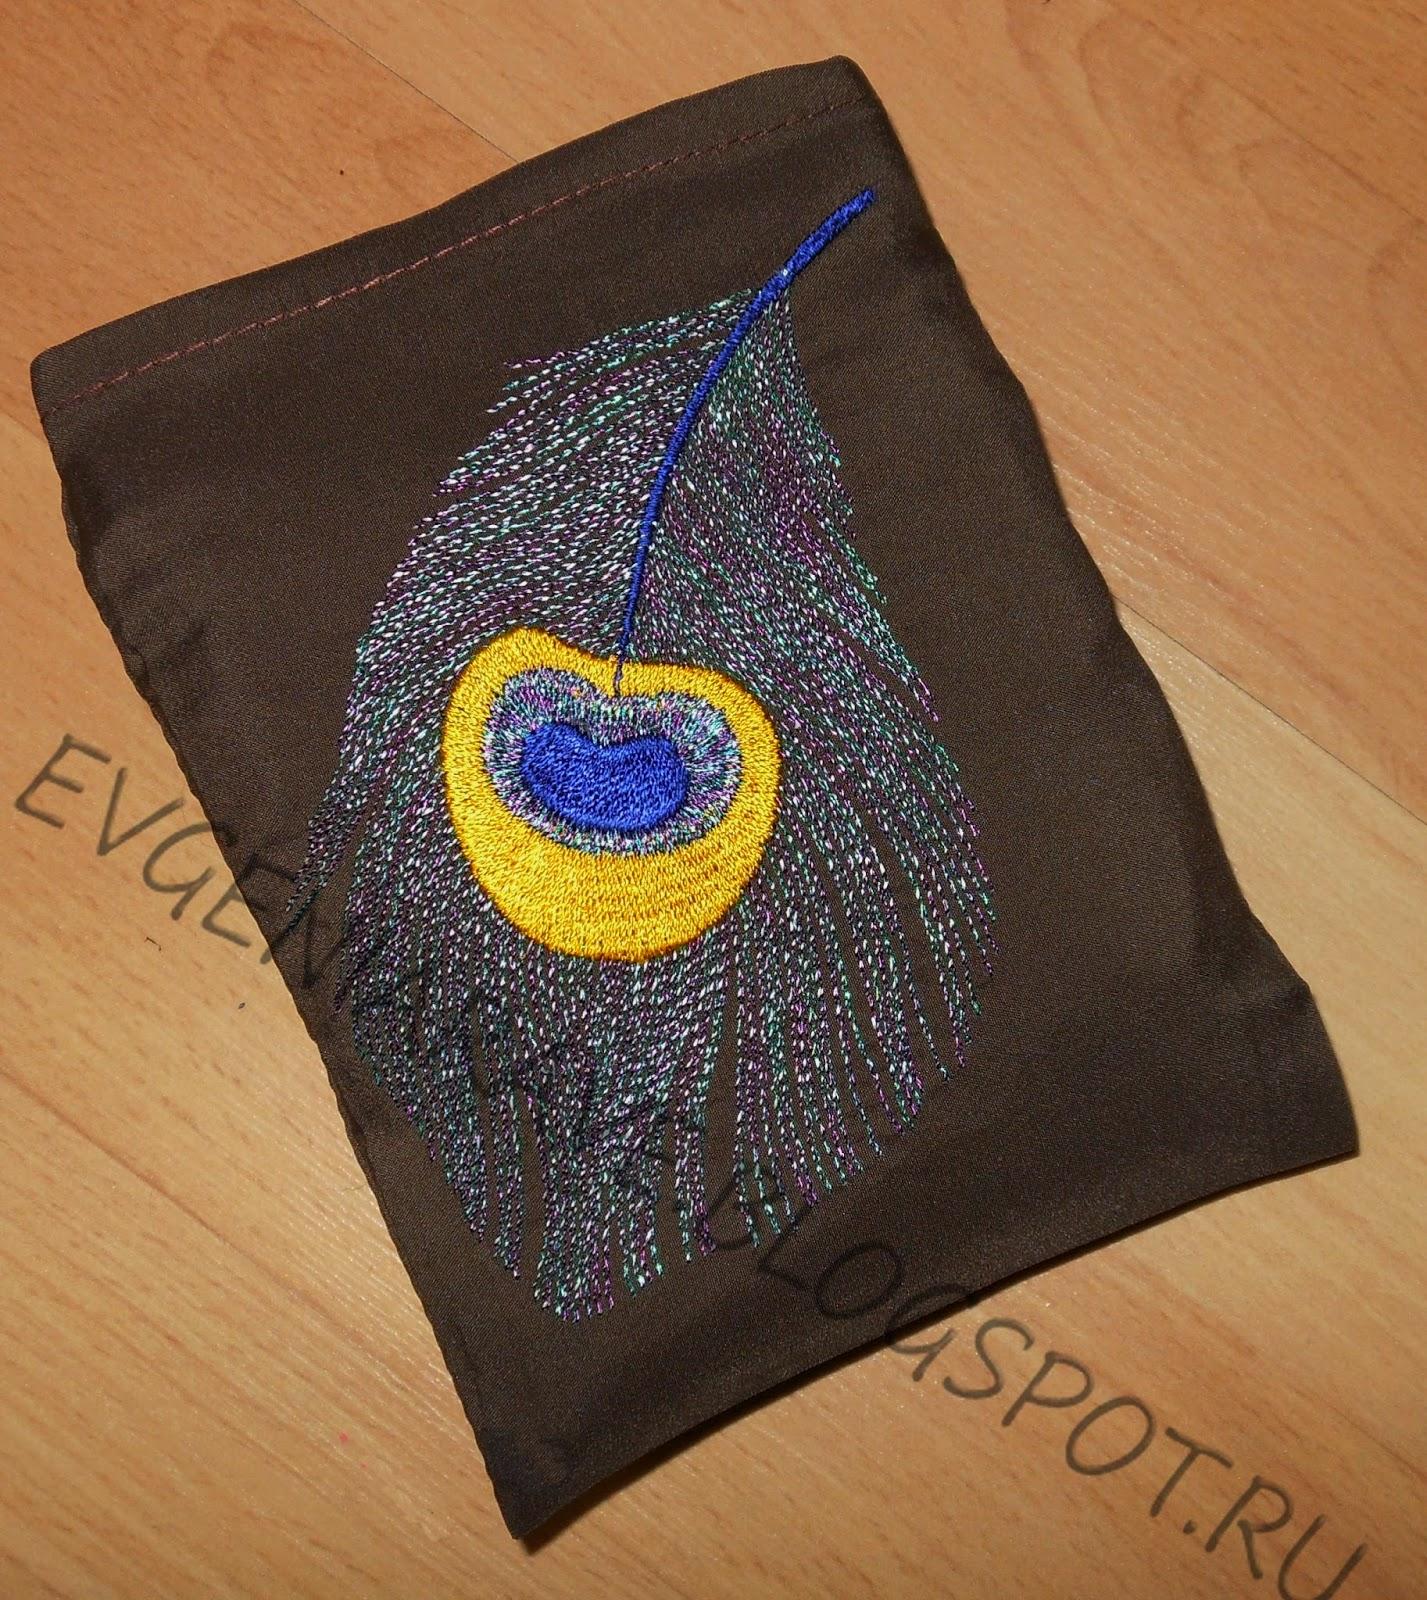 складная авоська, складная сумка, как сшить складную сумку, мастер-класс, сшить сумку для покупок, эко-сумка, как сшить эко-сумку, быстро сшить эко-сумку, компактная сумка для покупок